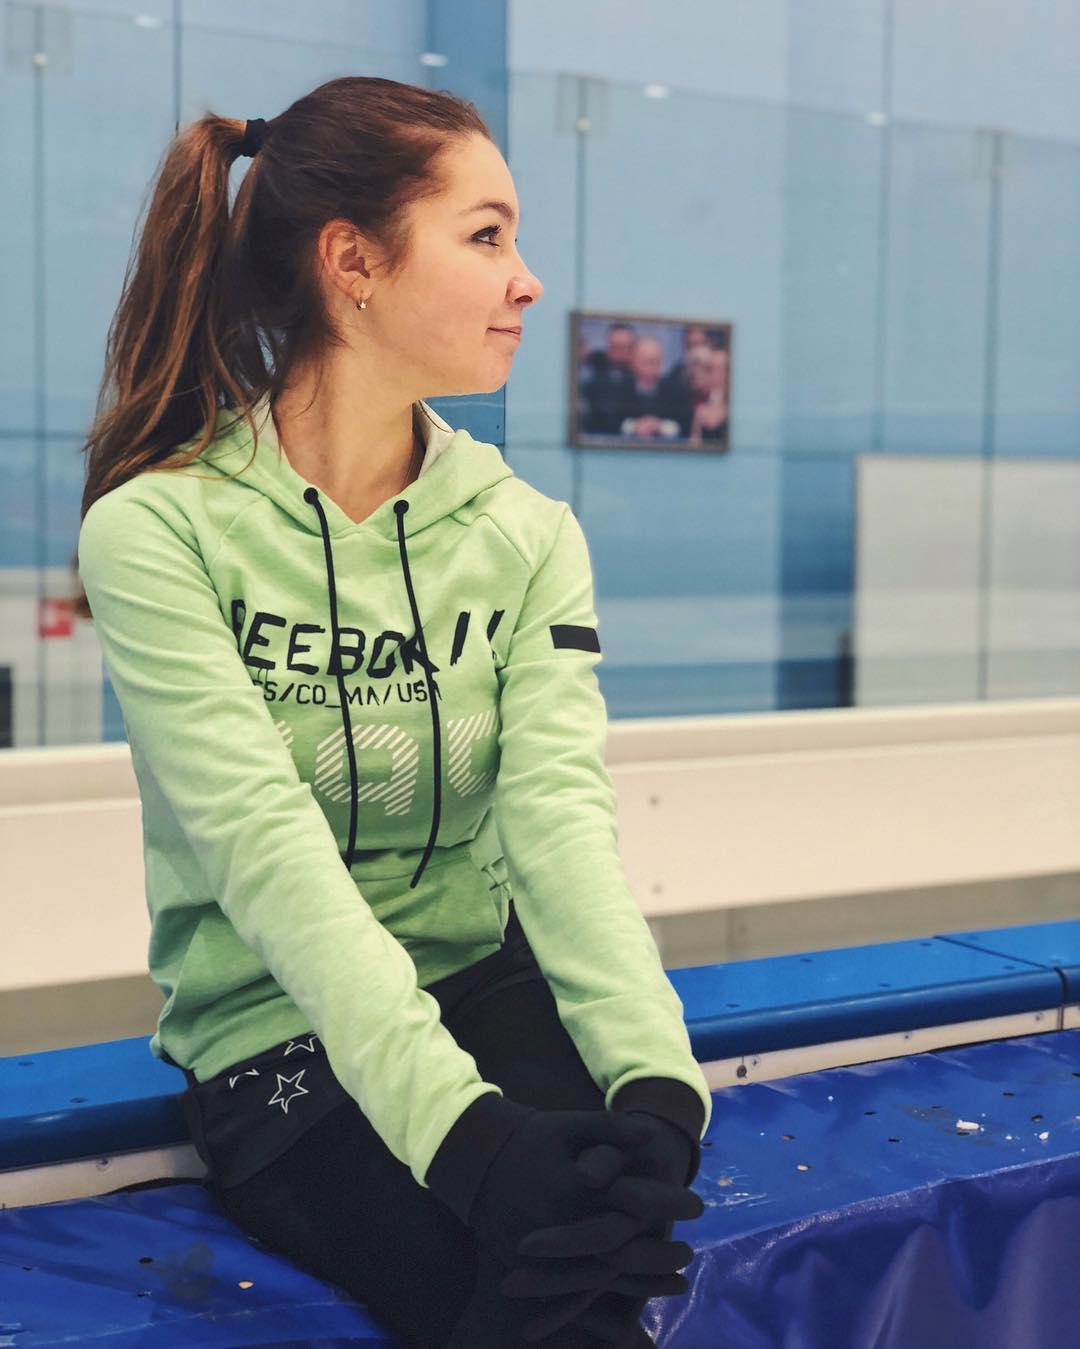 Анастасия Шпилевая - Григорий Смирнов/ танцы на льду - Страница 15 ZYaLKVOmEic